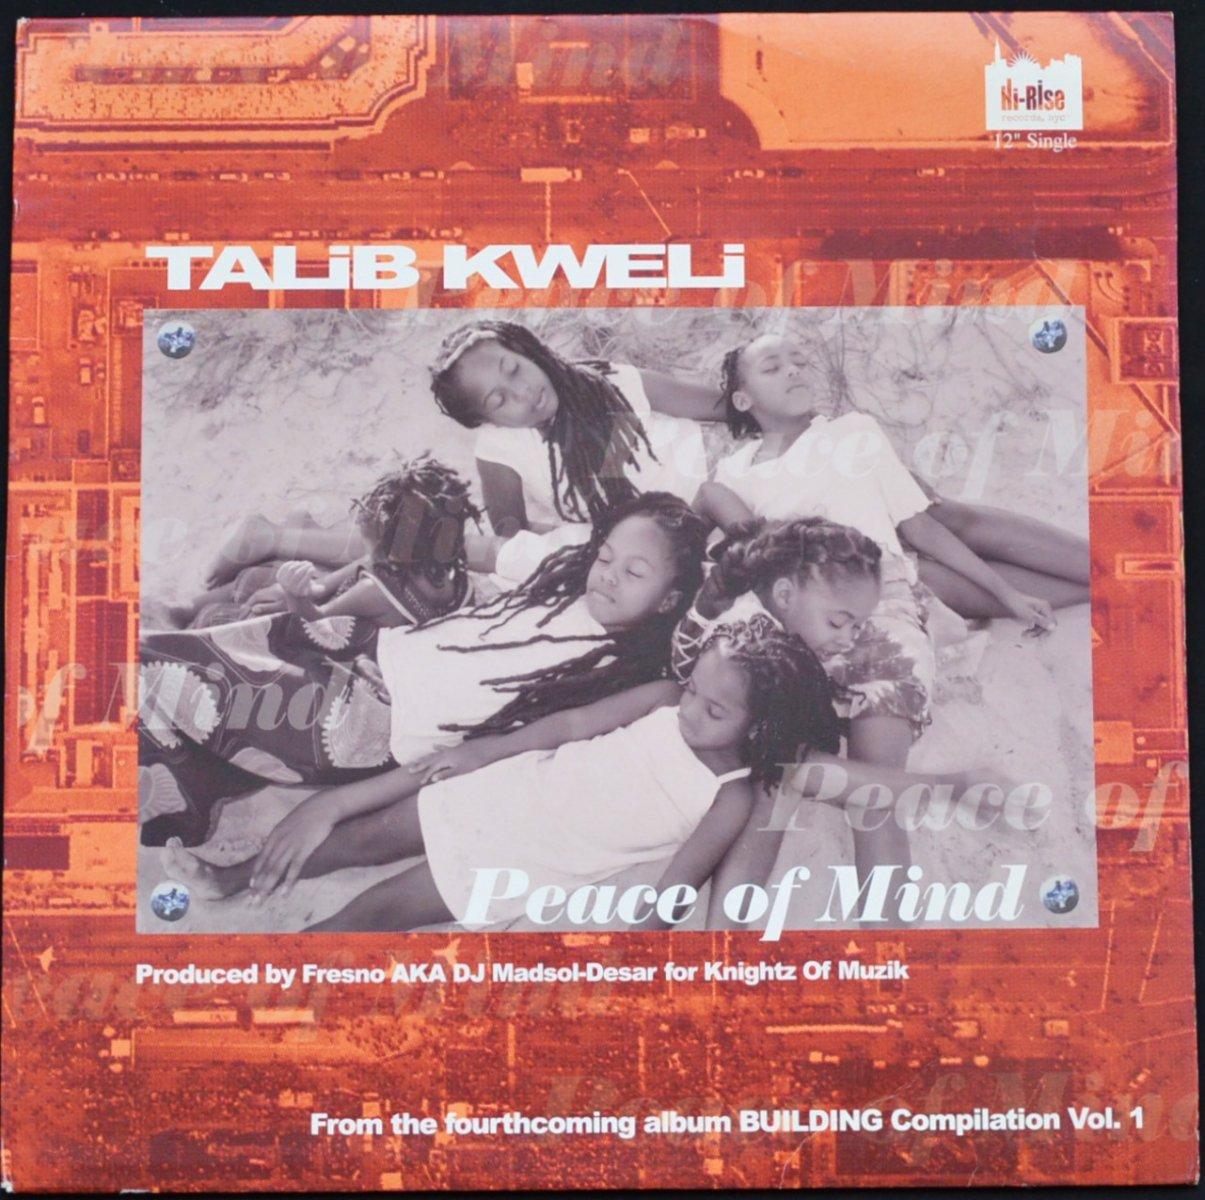 TALIB KWELI / PEACE OF MIND (12